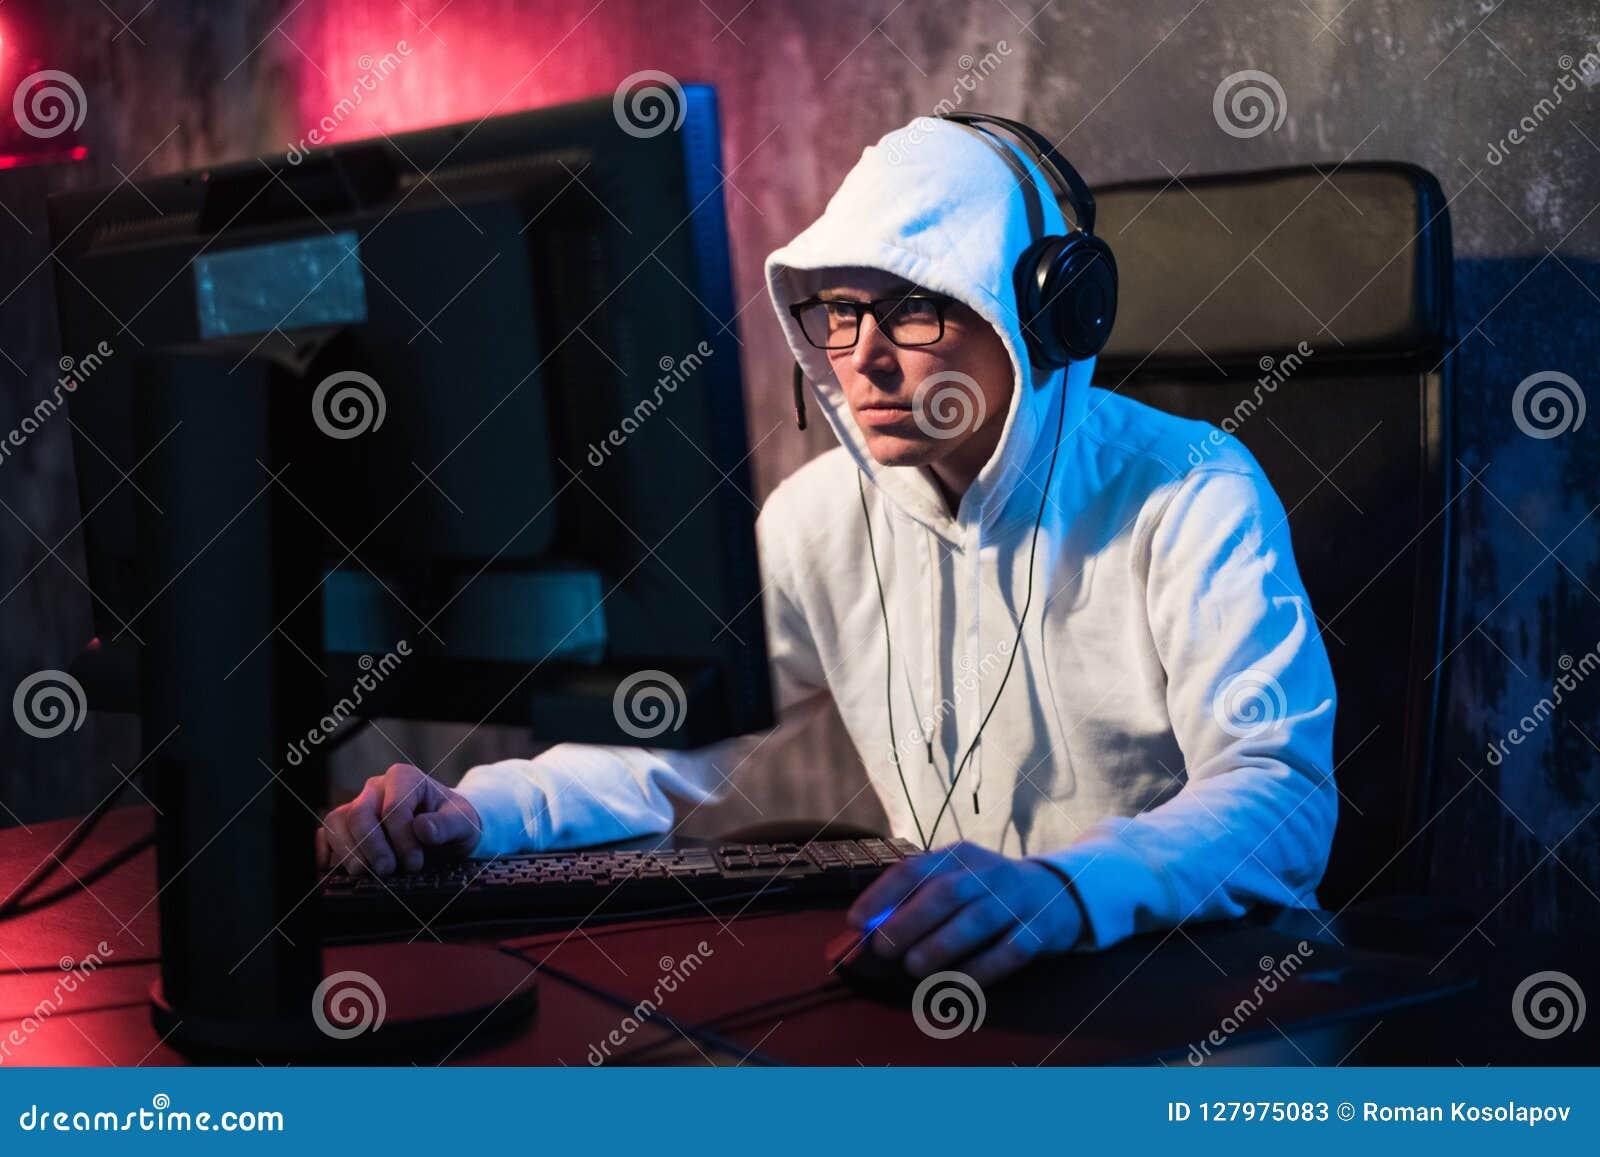 Профессиональный Gamer мальчика играет в видеоигре на турнире eSports или в интернет-кафе Он носит наушники и говорит